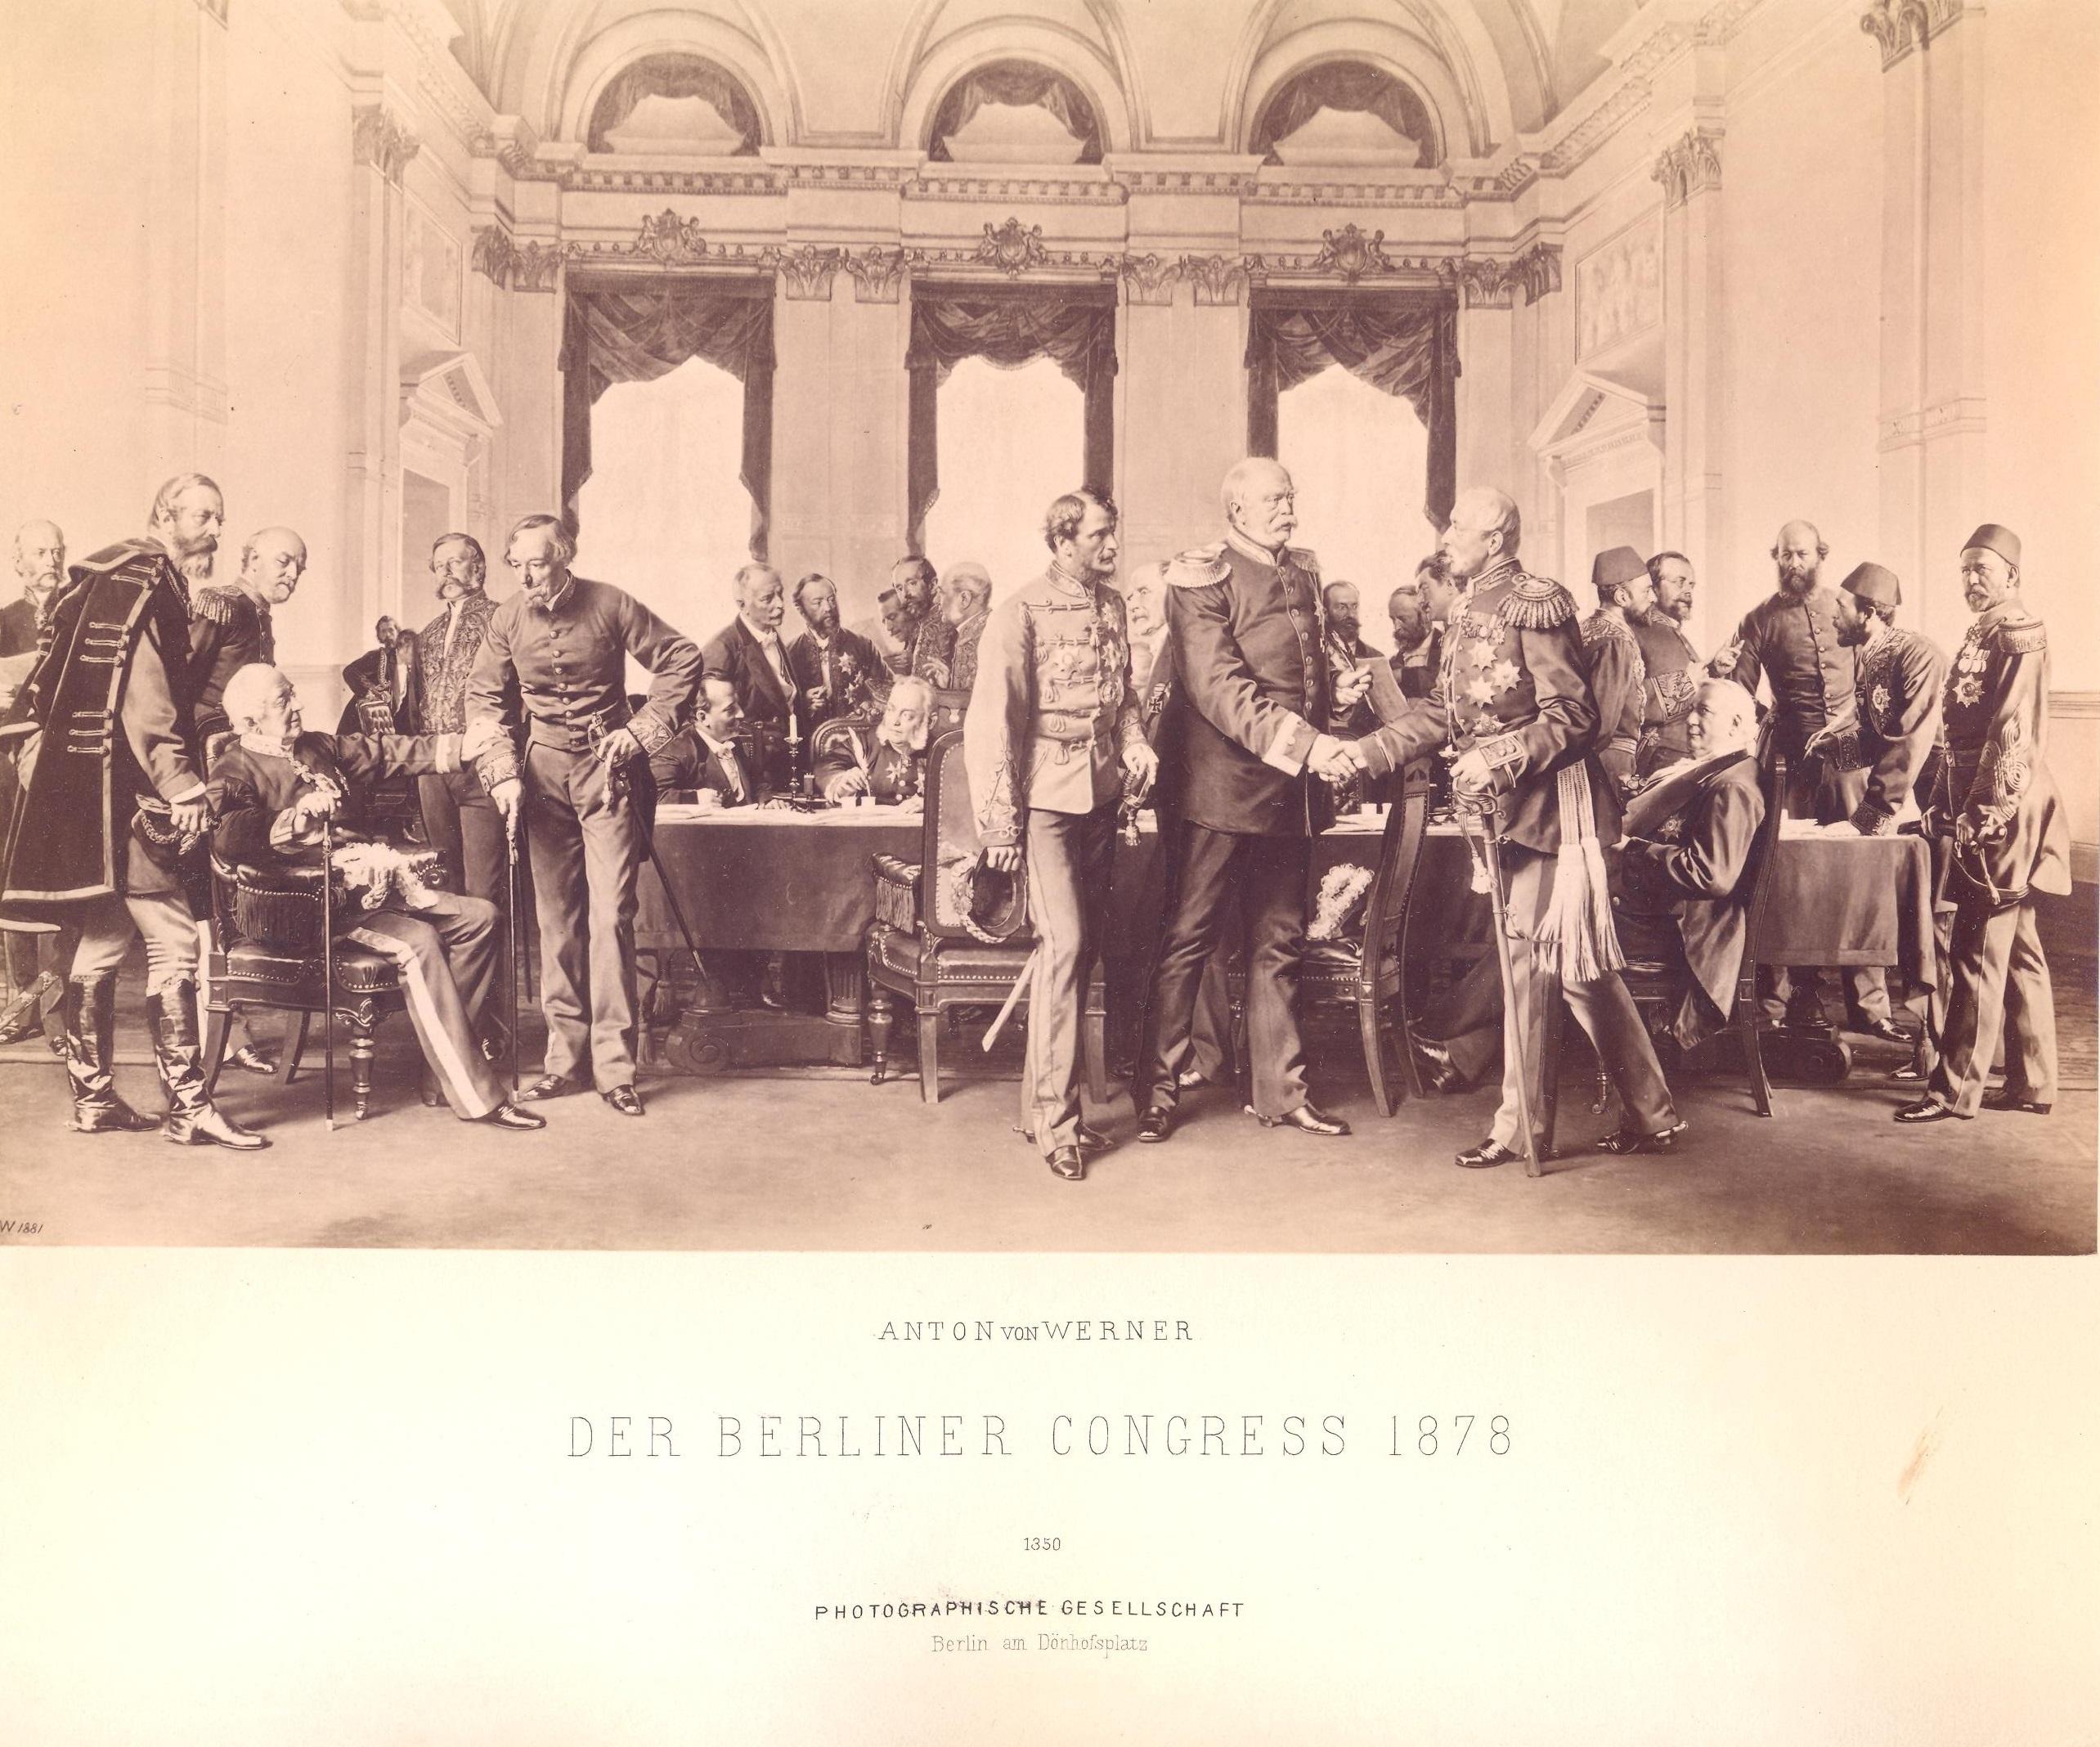 BASA-600K-1-1866-10-Der_Berliner_Congres